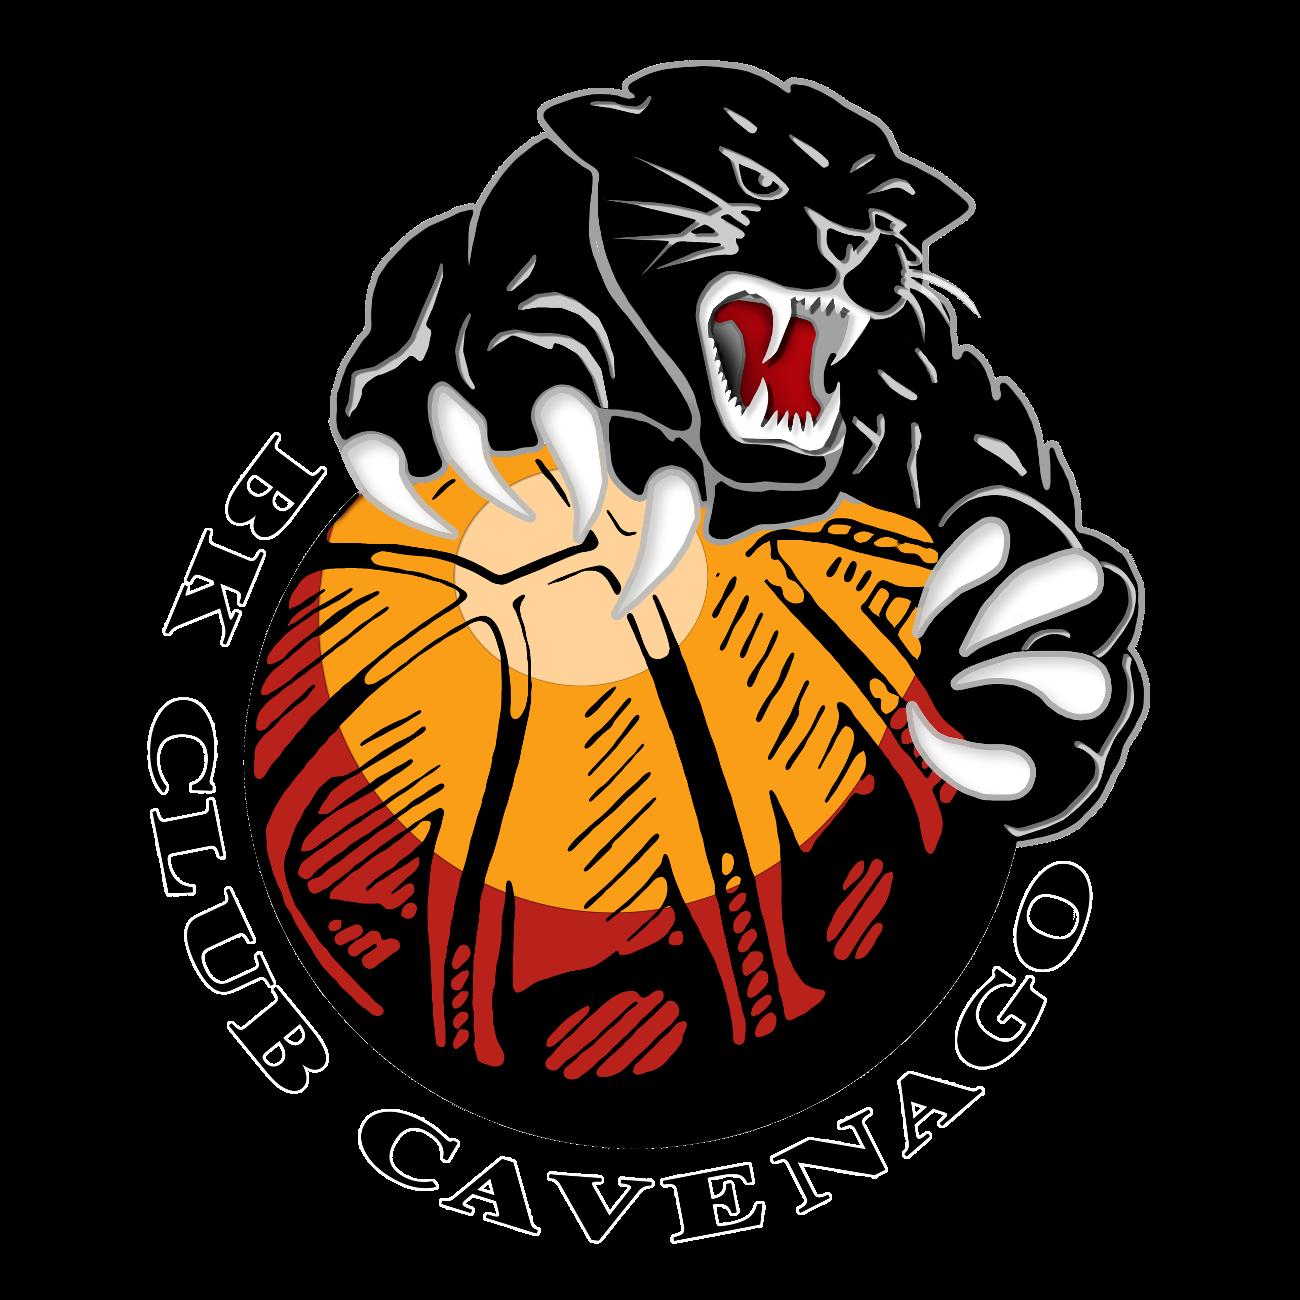 BK Club Cavenago